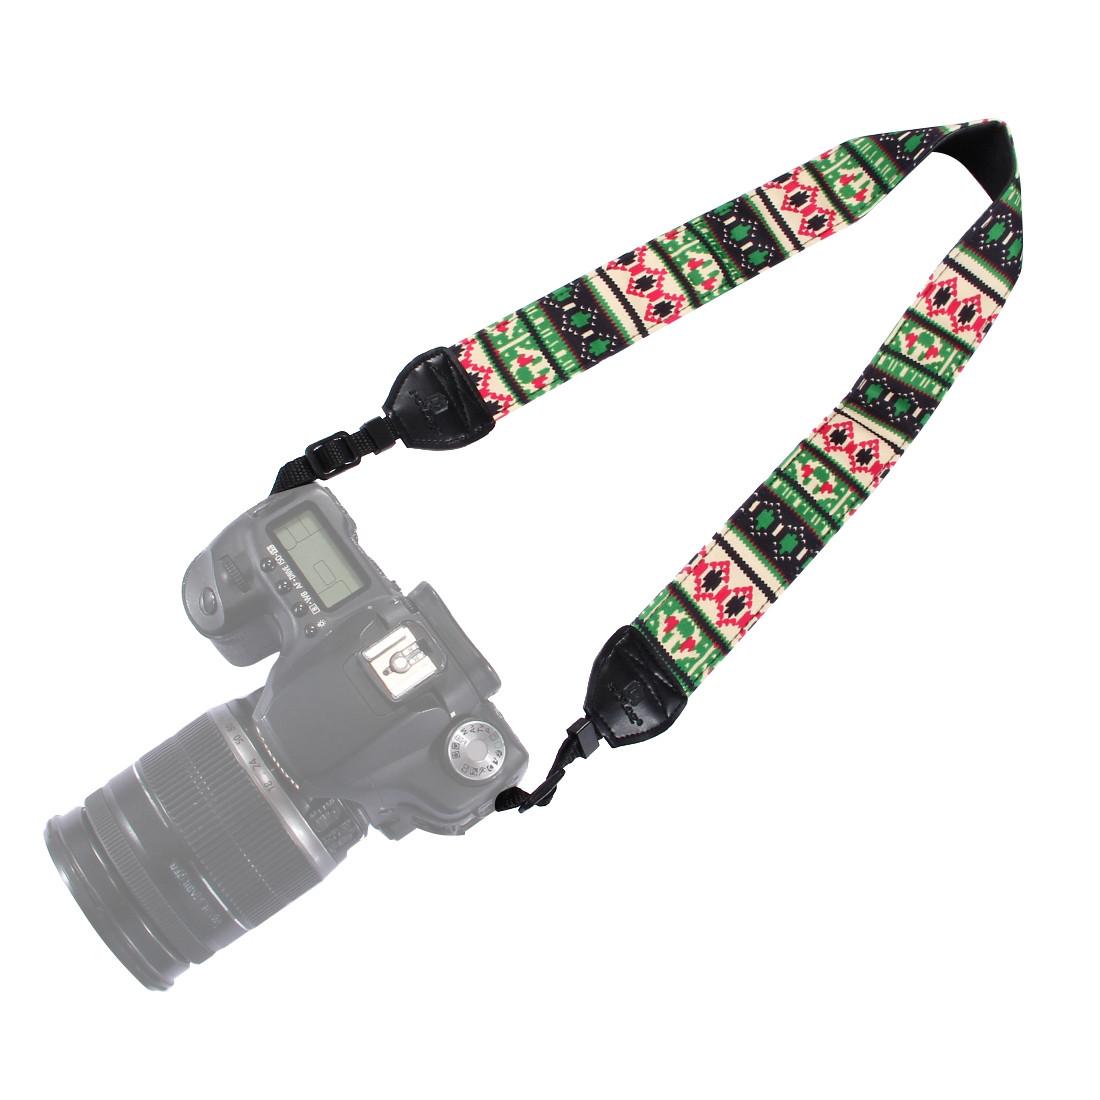 PULUZ PU6007C Ретро Этнический стиль Многоцветная серия Плечо Шея Ремень камера Ремень для зеркальных фотокамер DSLR 1TopShop